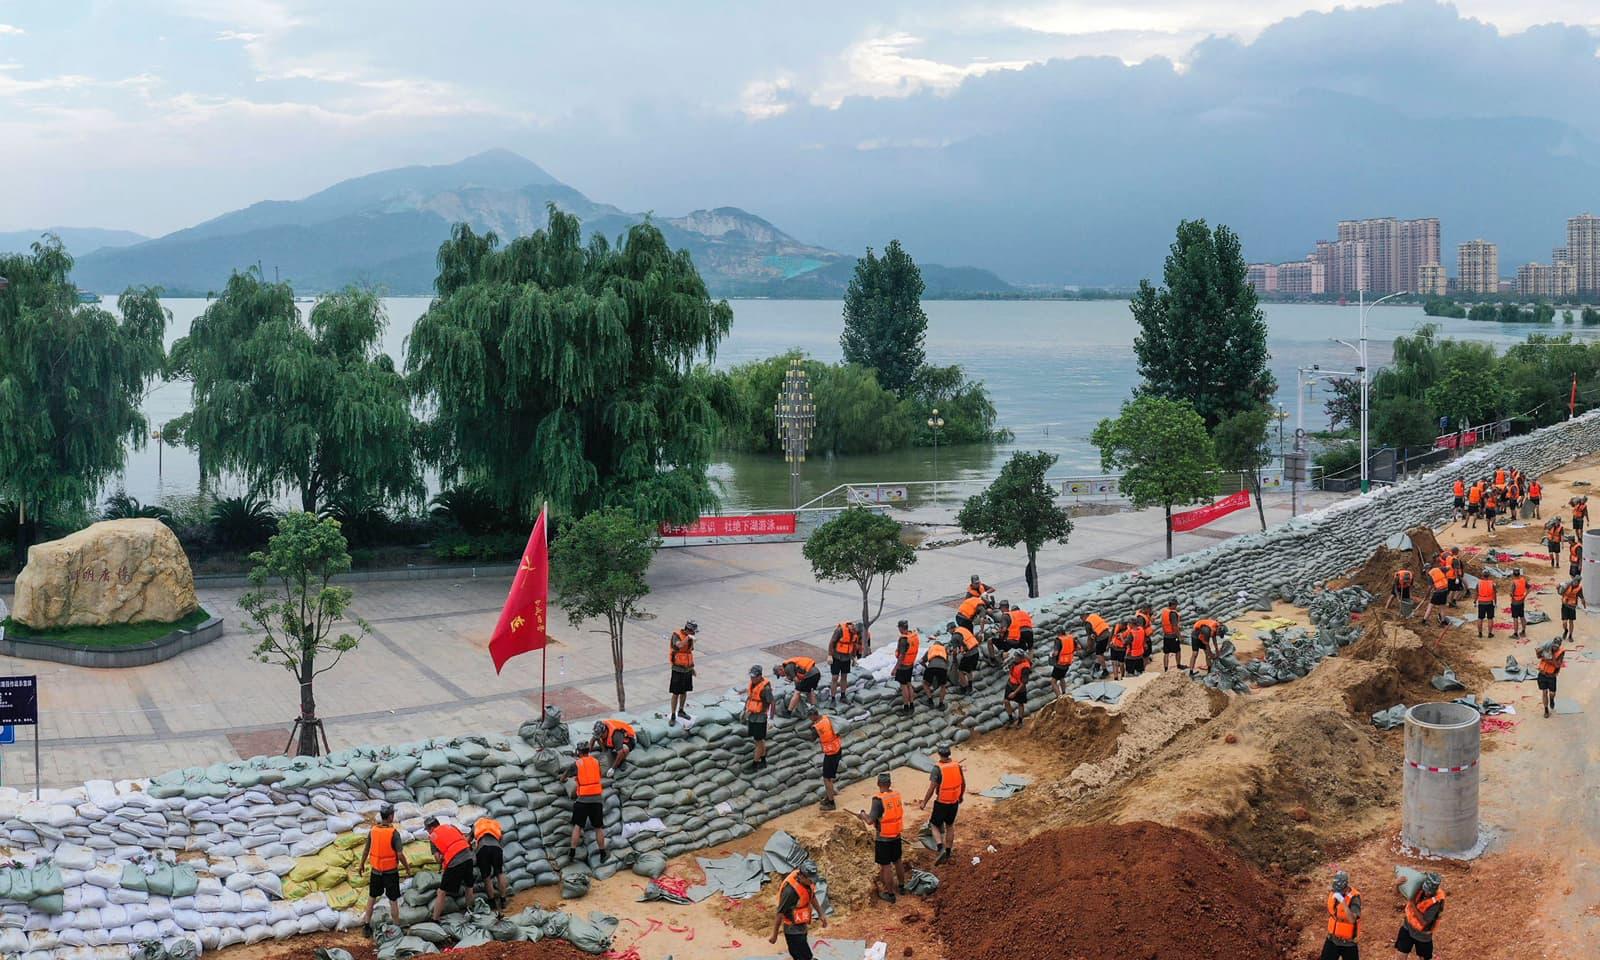 چین کے شہر لوشان میں ڈیم کی سطح ریکارڈ حد تک بلند ہونے کے بعد بوریاں رکھ کر حفاظتی بند باندھا جارہا ہے— فوٹو: اے پی